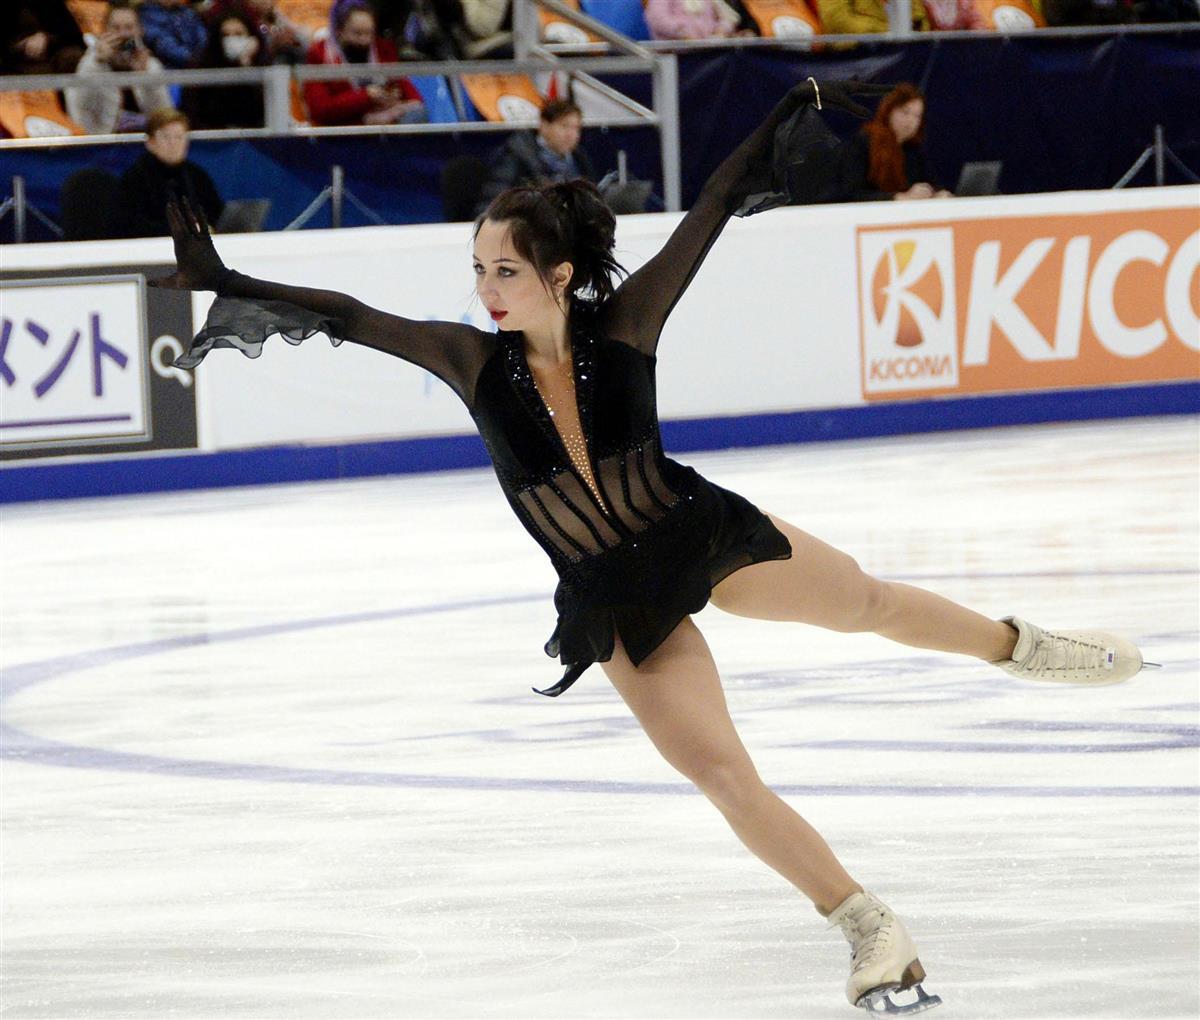 女子で優勝したエリザベータ・トゥクタミシェワのフリーの演技=モスクワ(共同)